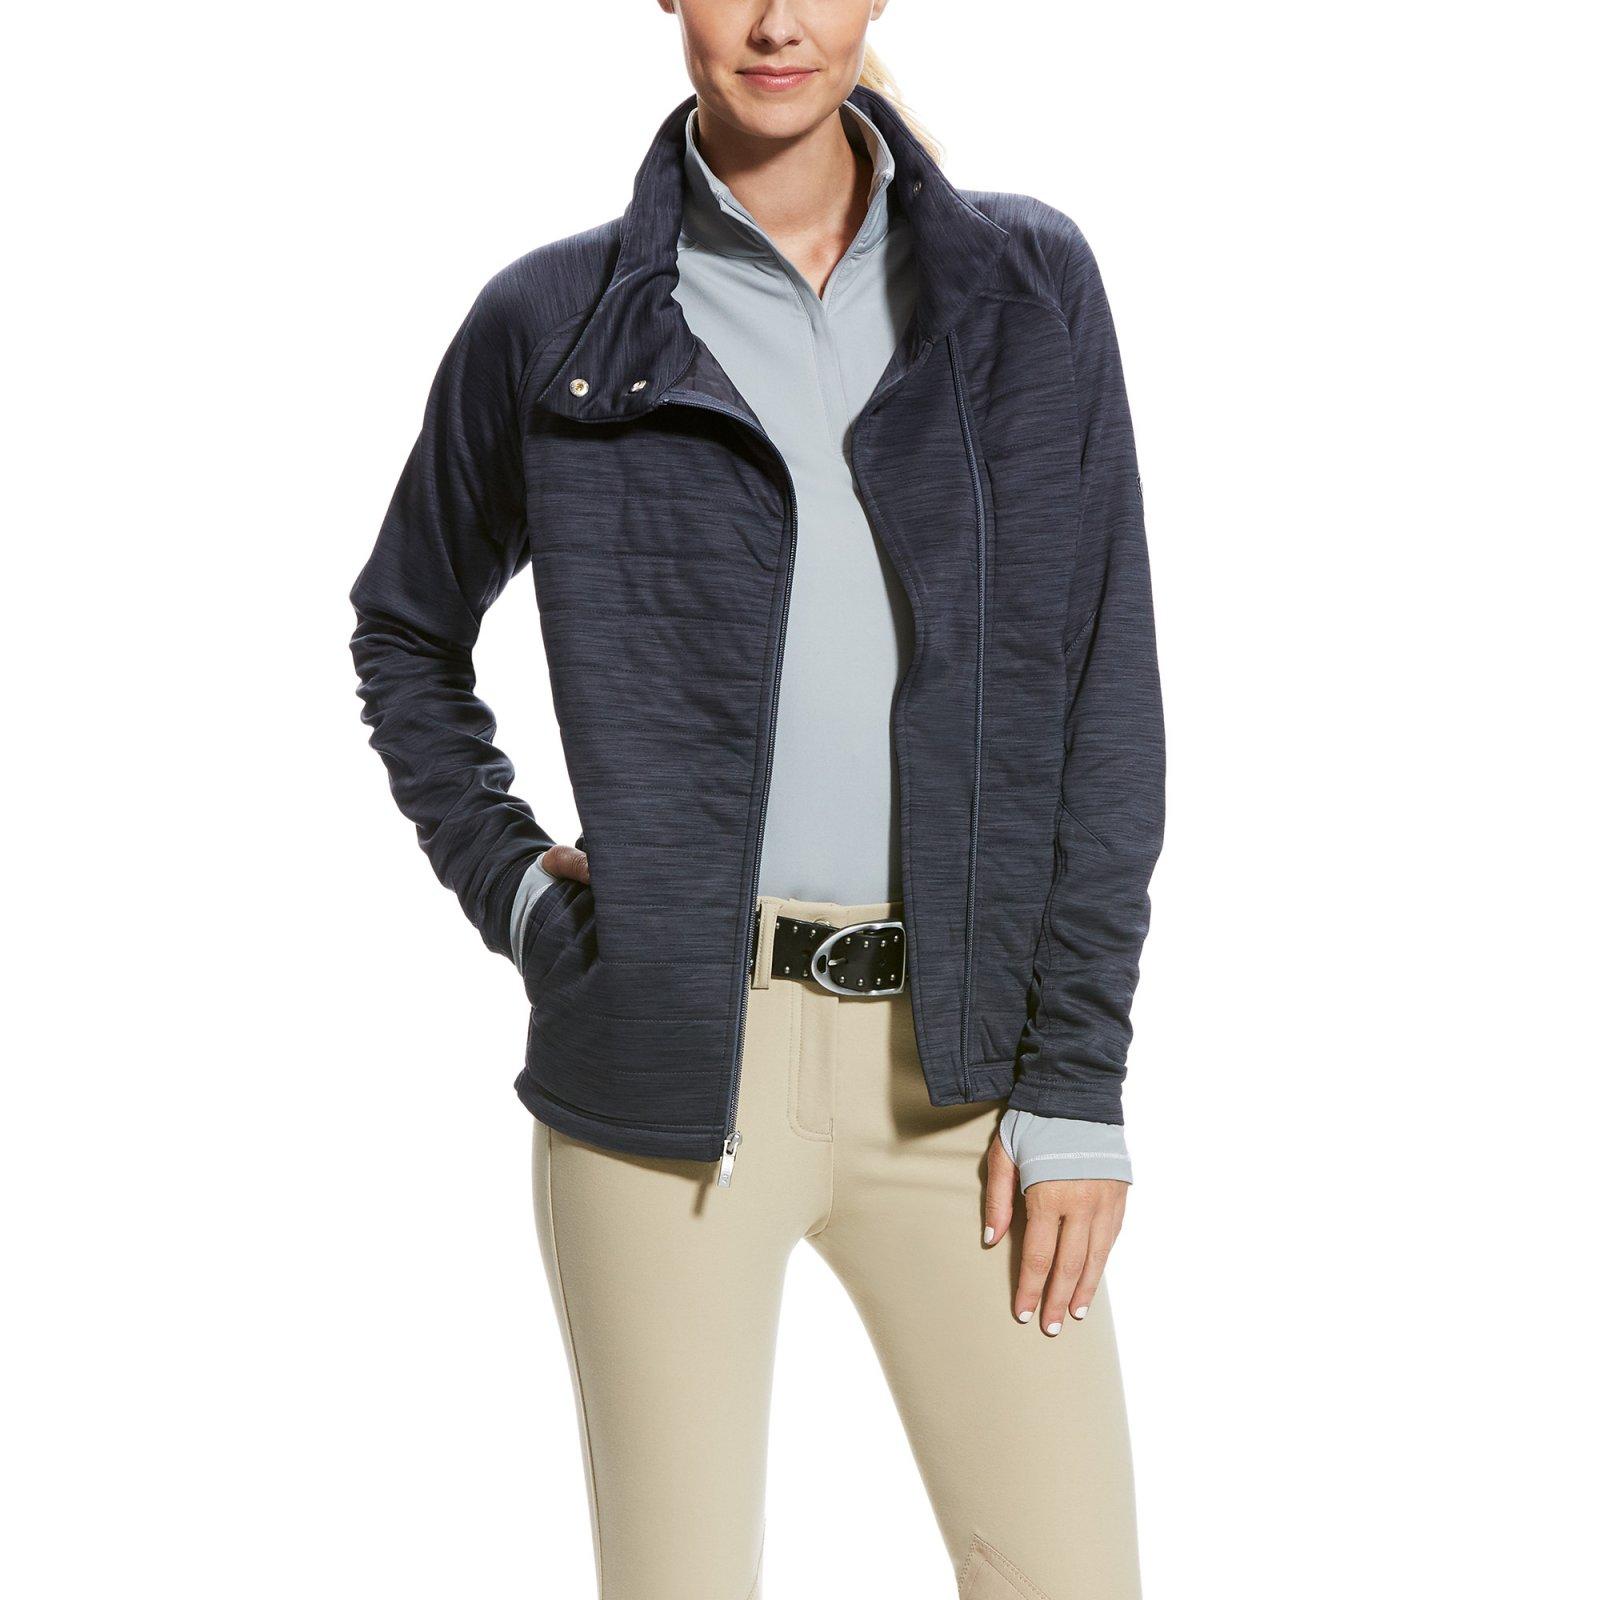 Vanquish Full Zip Jacket from Ariat